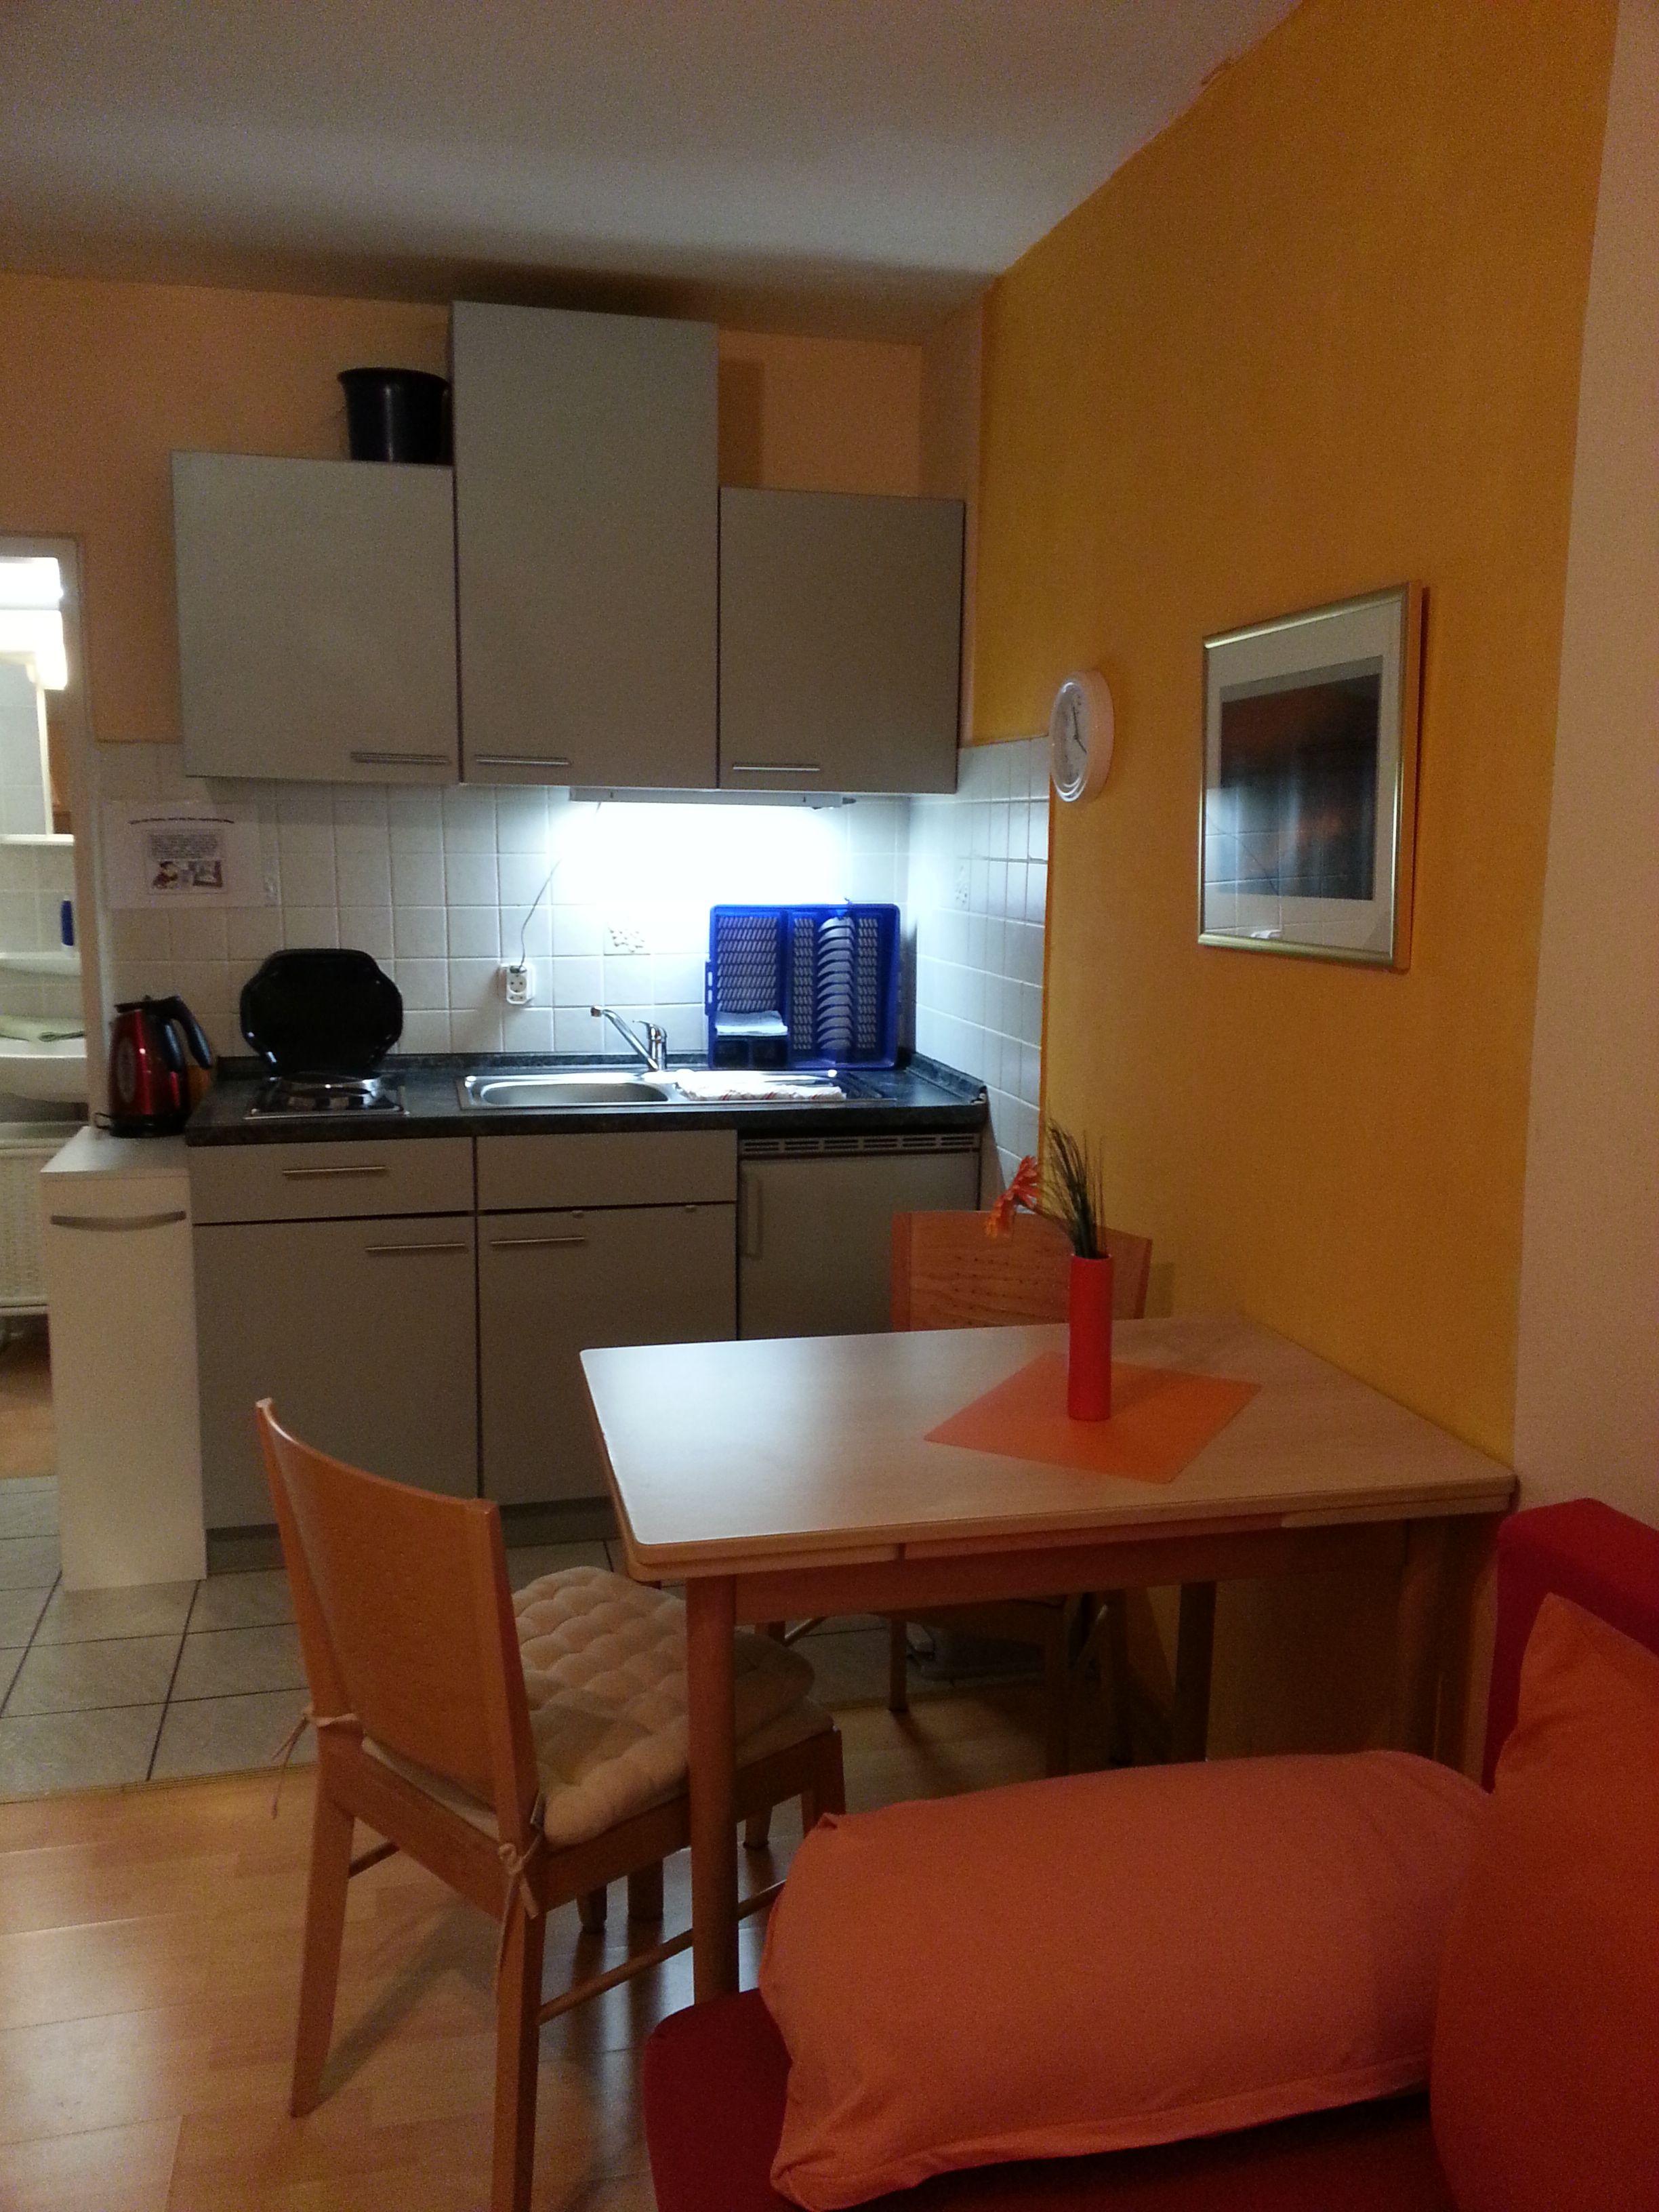 Küchenzeile in Apartment A